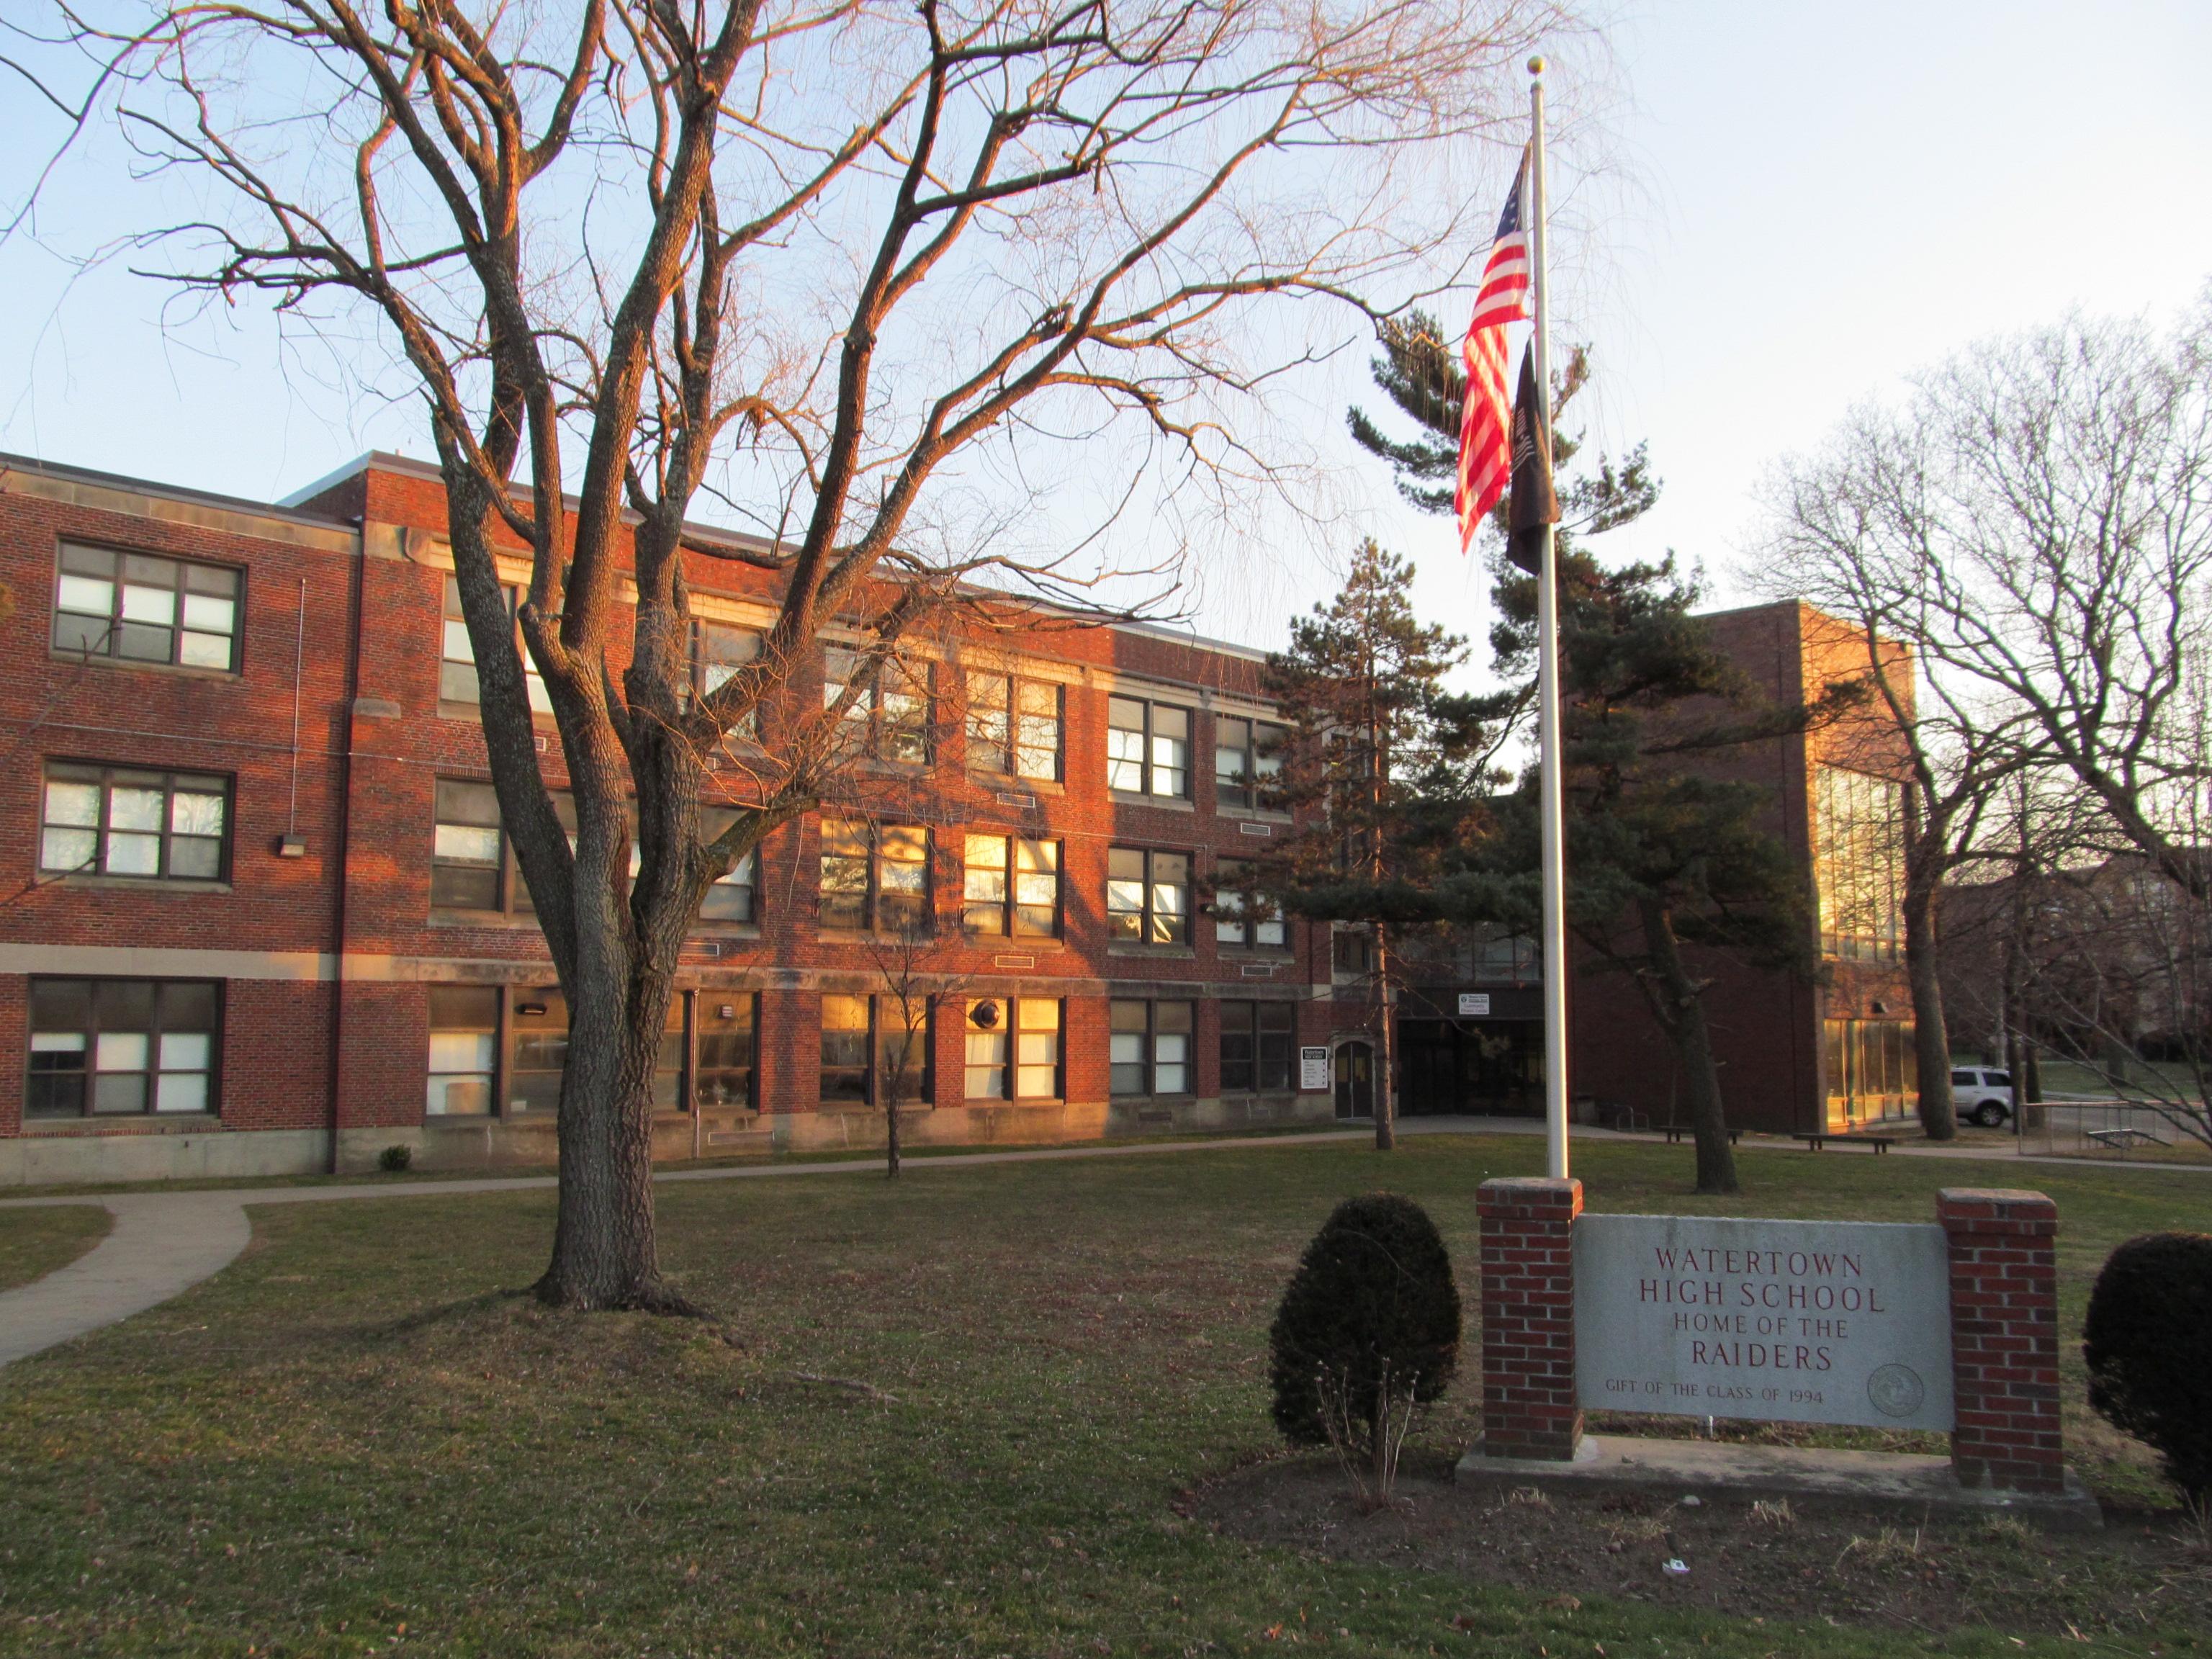 File:Watertown High School, Watertown MA.jpg